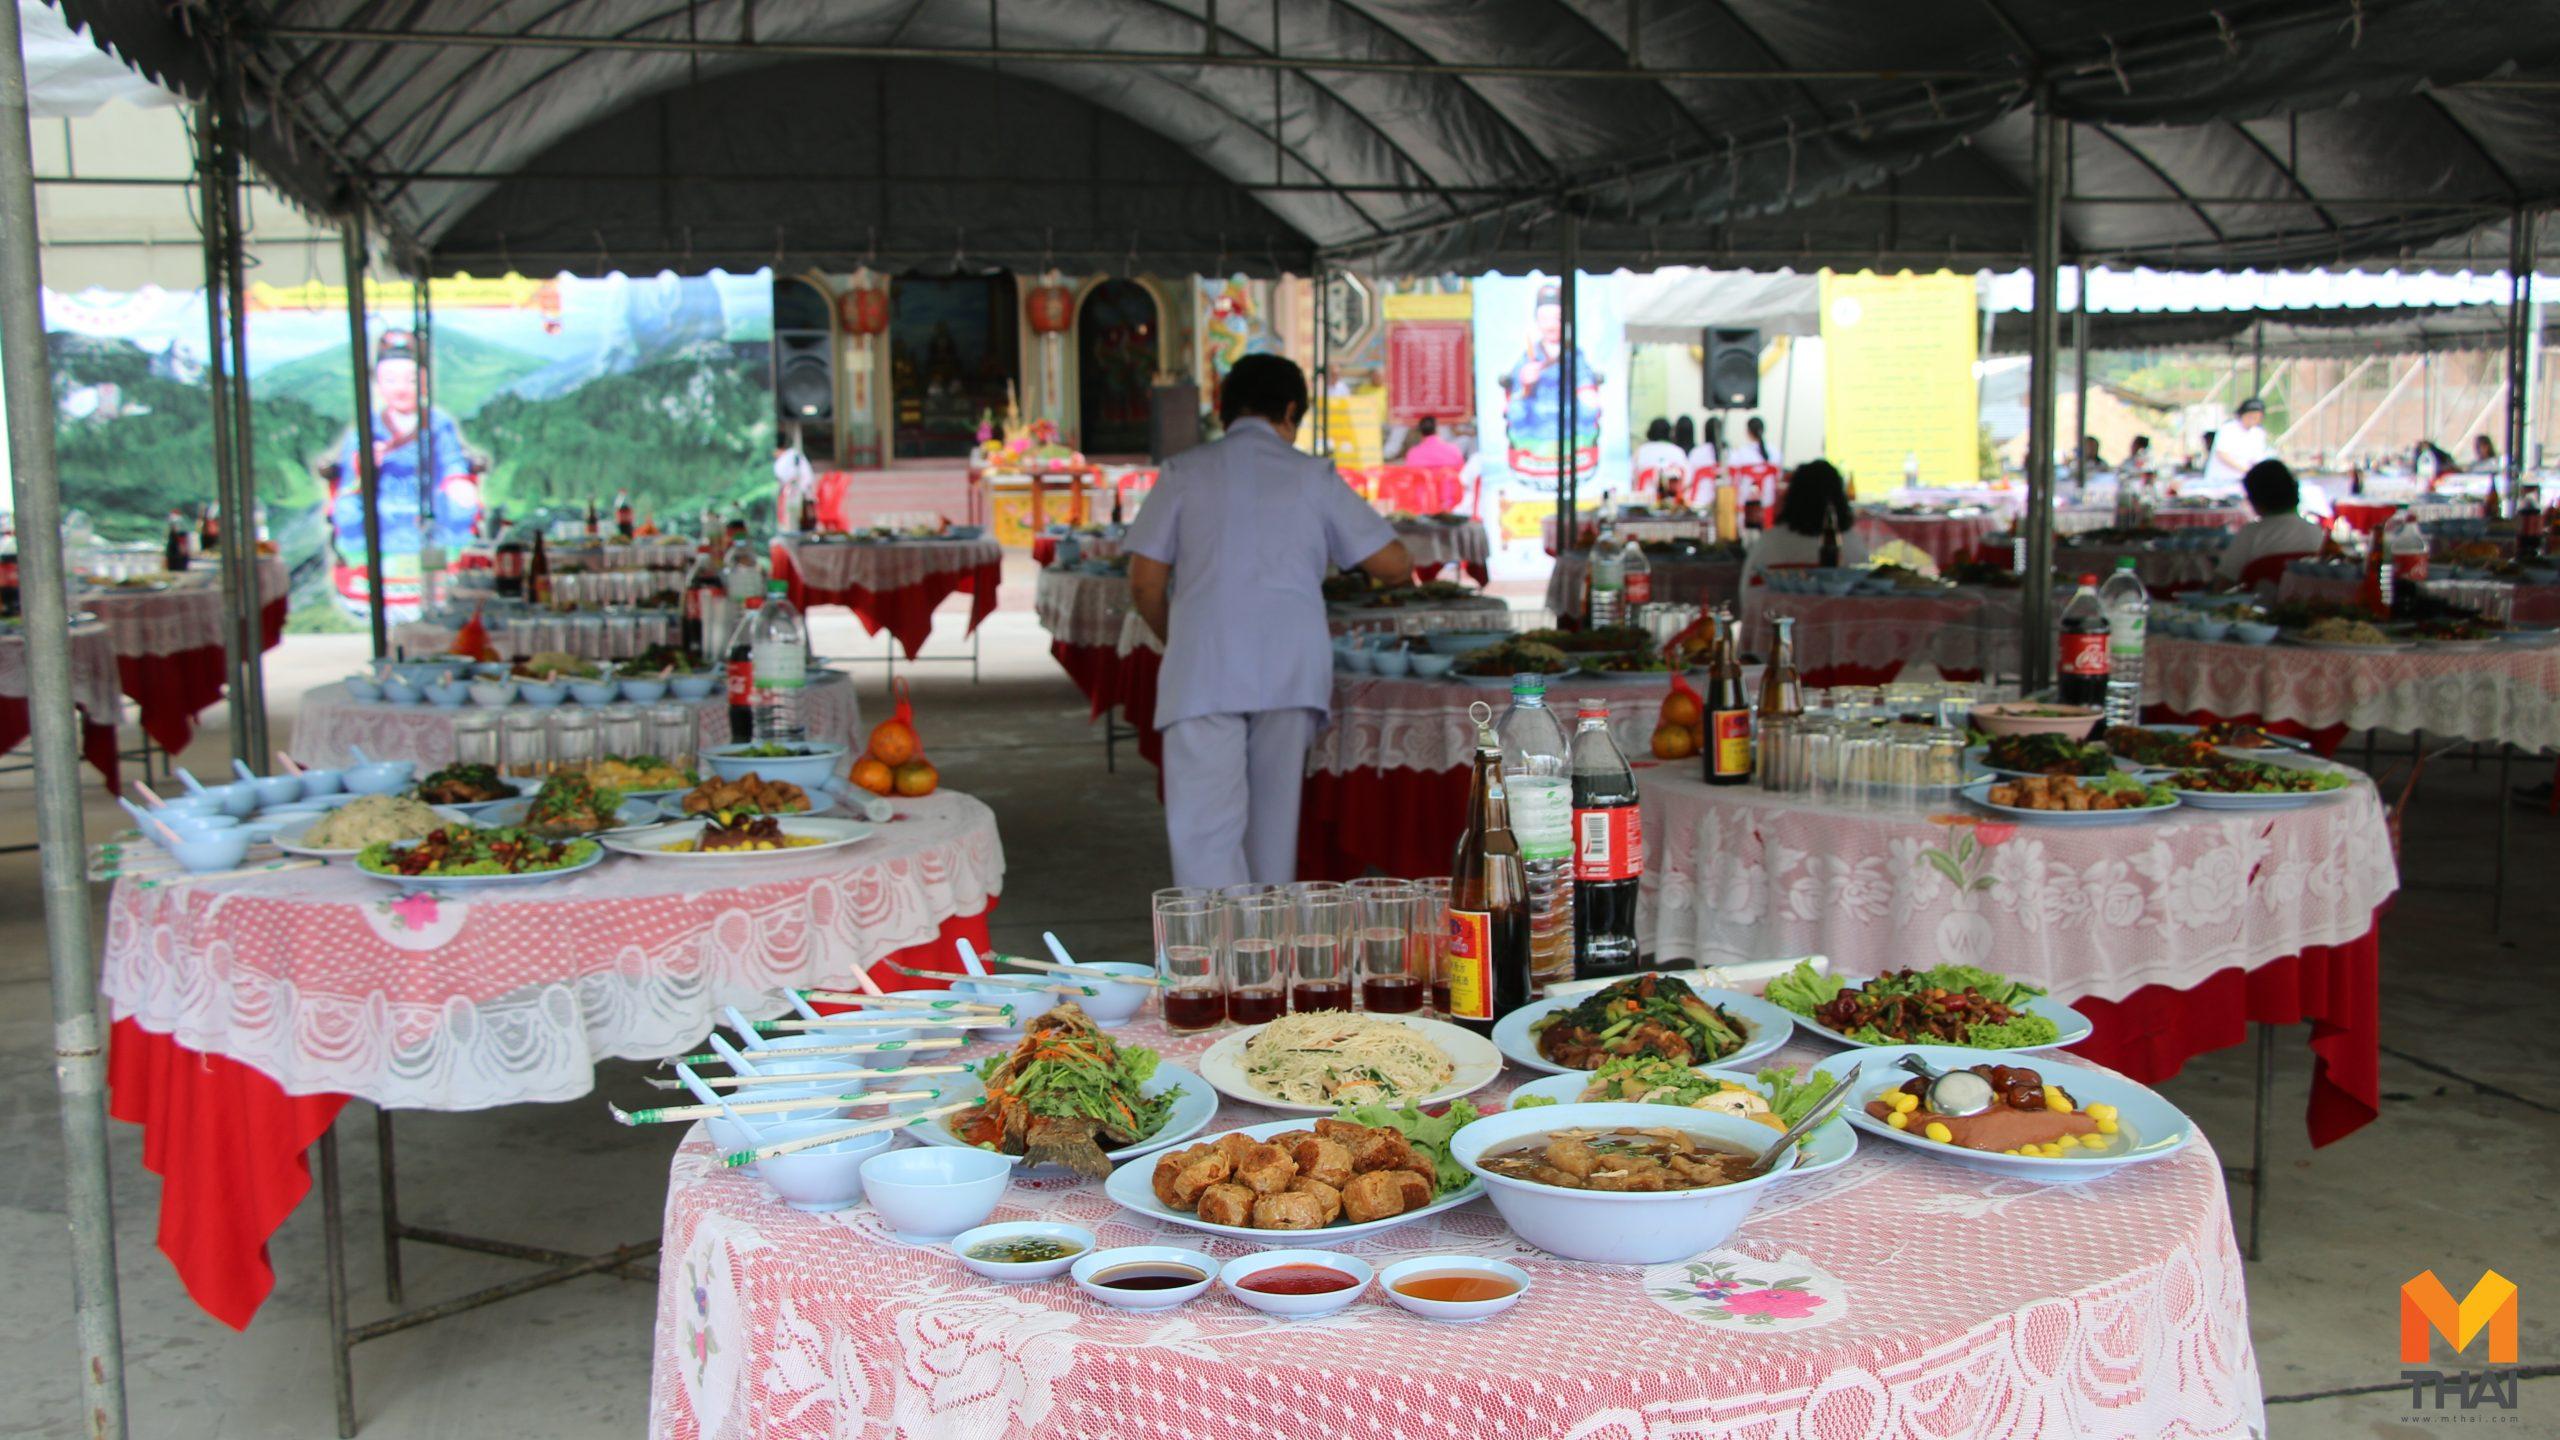 ข่าวภูมิภาค สั่งโต๊ะจีนเลี้ยงเทพเจ้า เทพเจ้า โต๊ะจีน